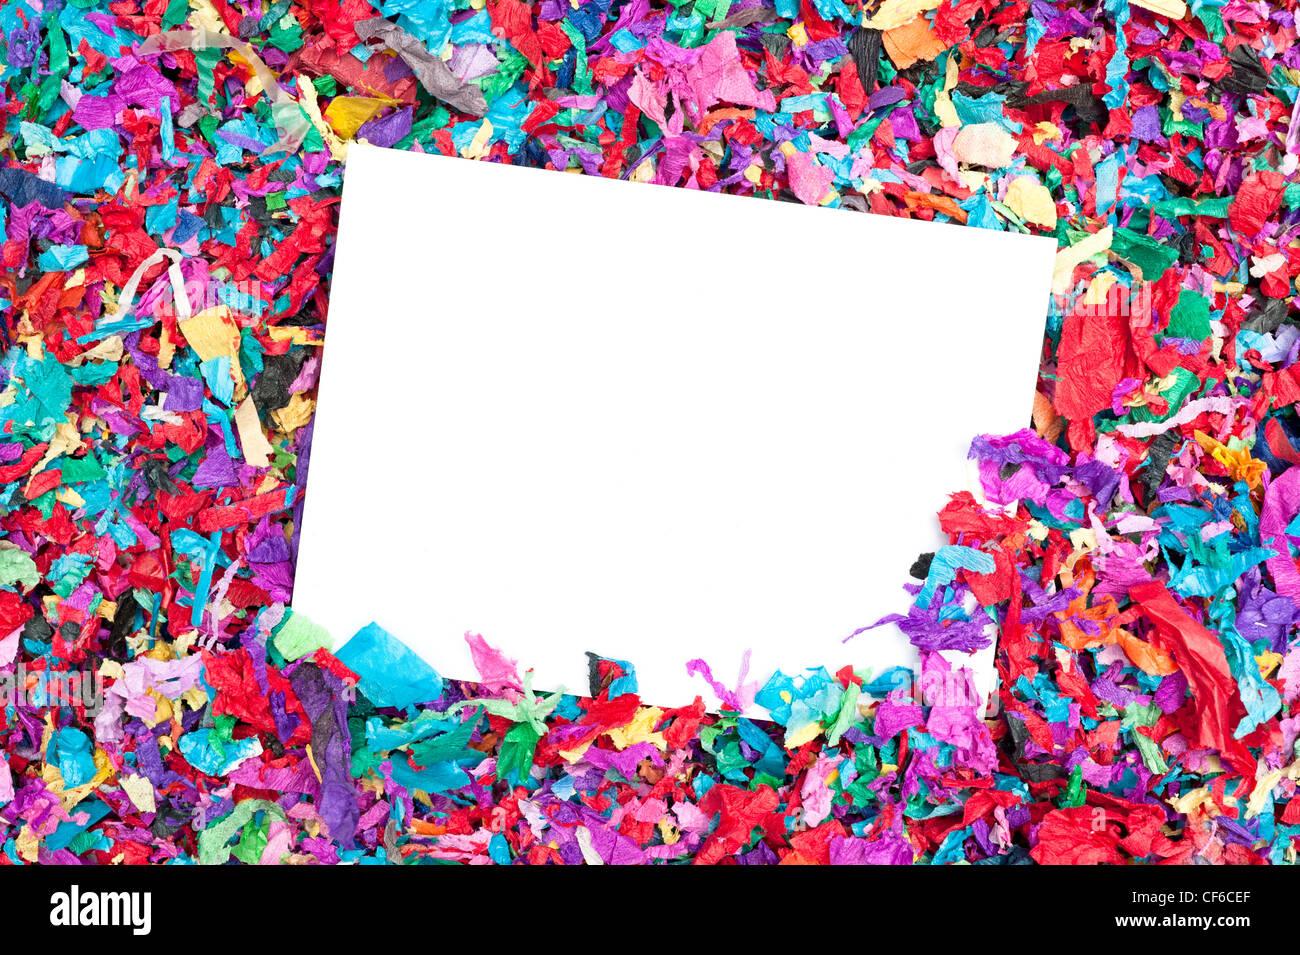 Un invito di vuoto in una pila di coloratissimi coriandoli. Ottimo per qualsiasi evento di celebrazione. I progettisti Immagini Stock